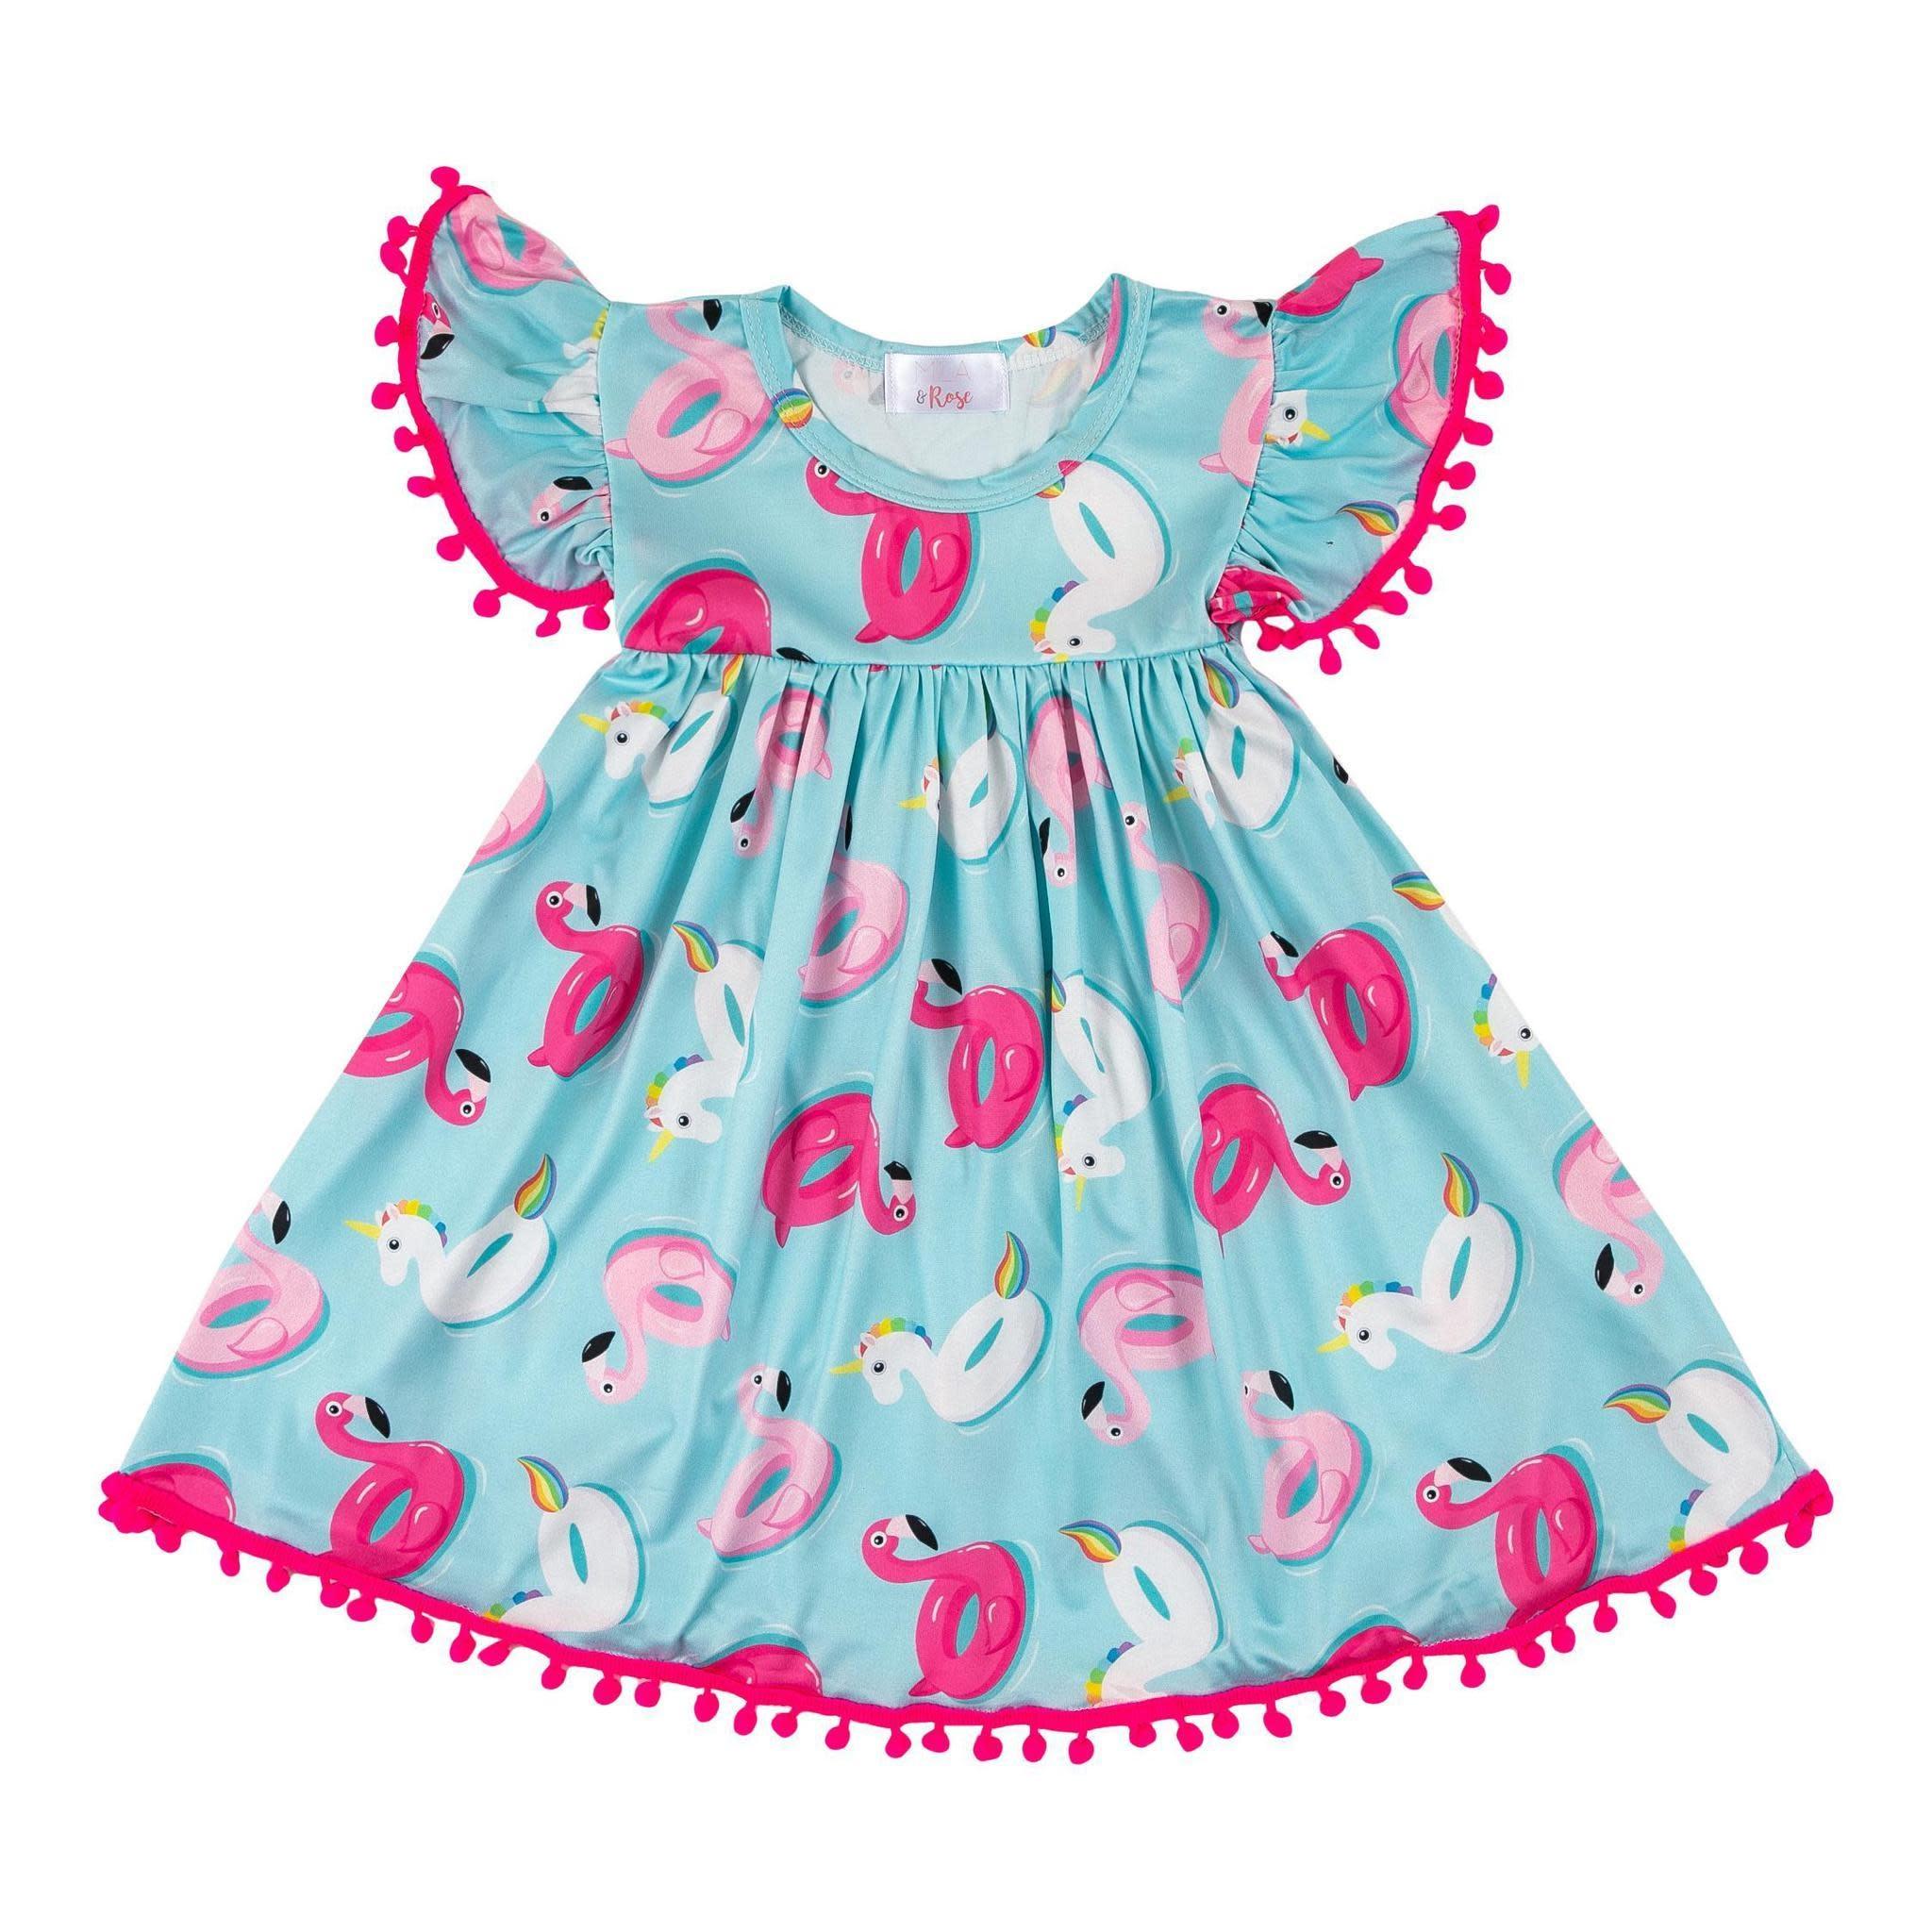 Mila & Rose Pool Party Pom Pom Dress